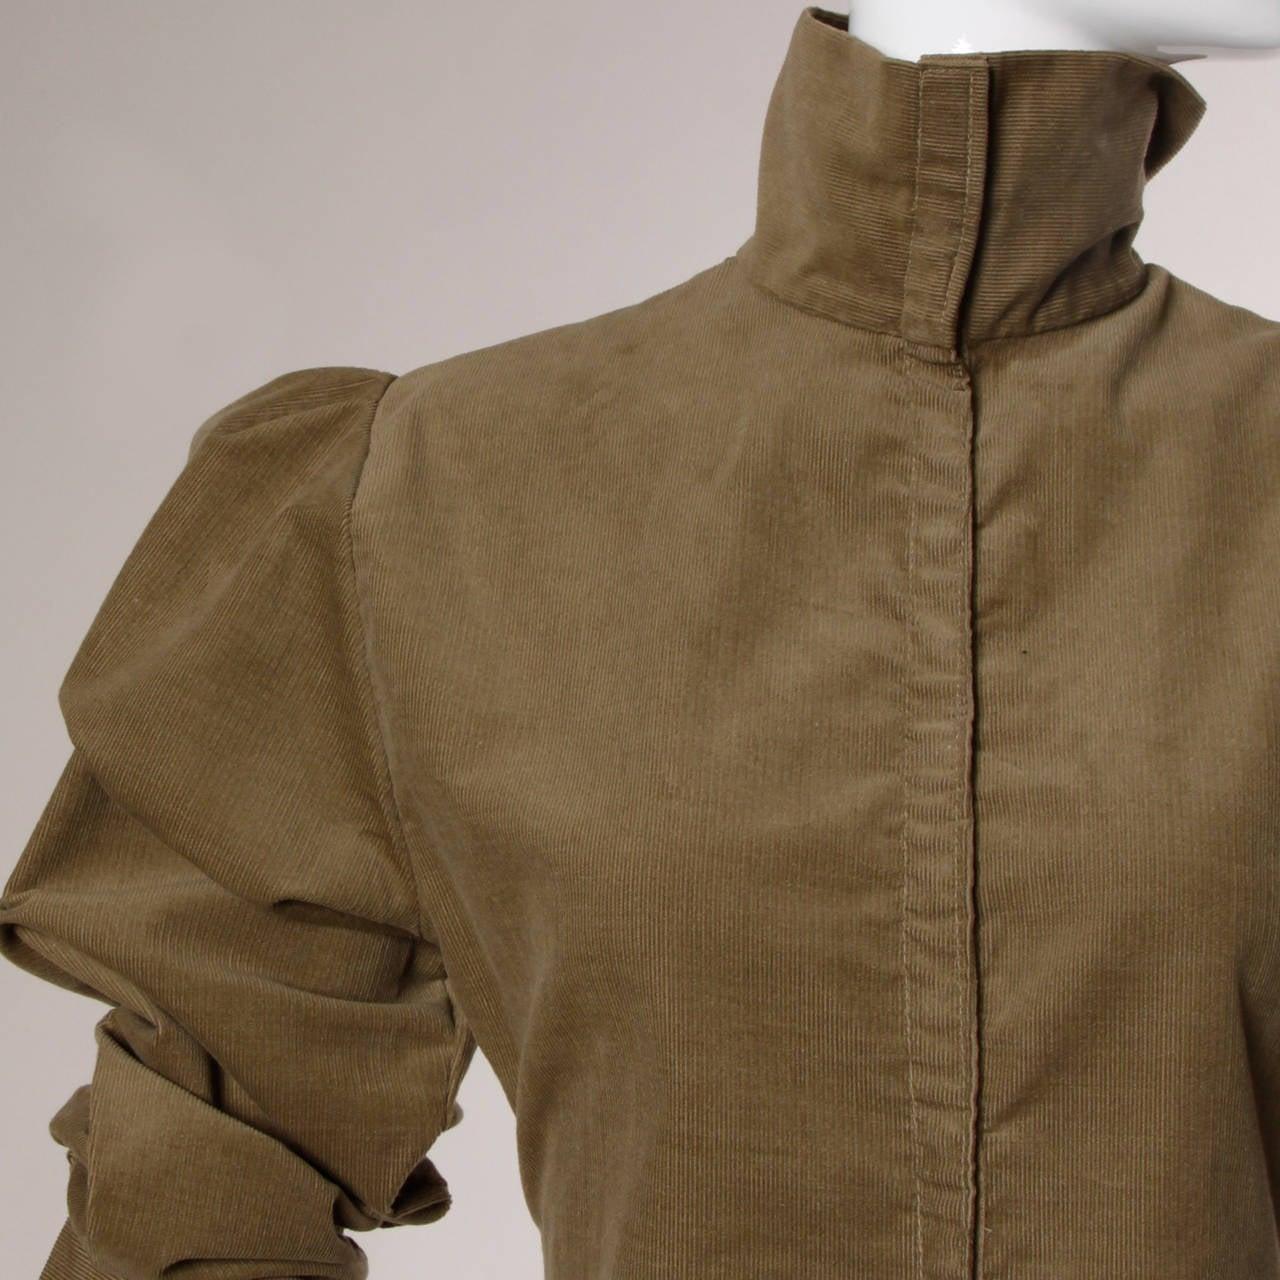 Norma Kamali Vintage Avant Garde Top or Jacket For Sale 2